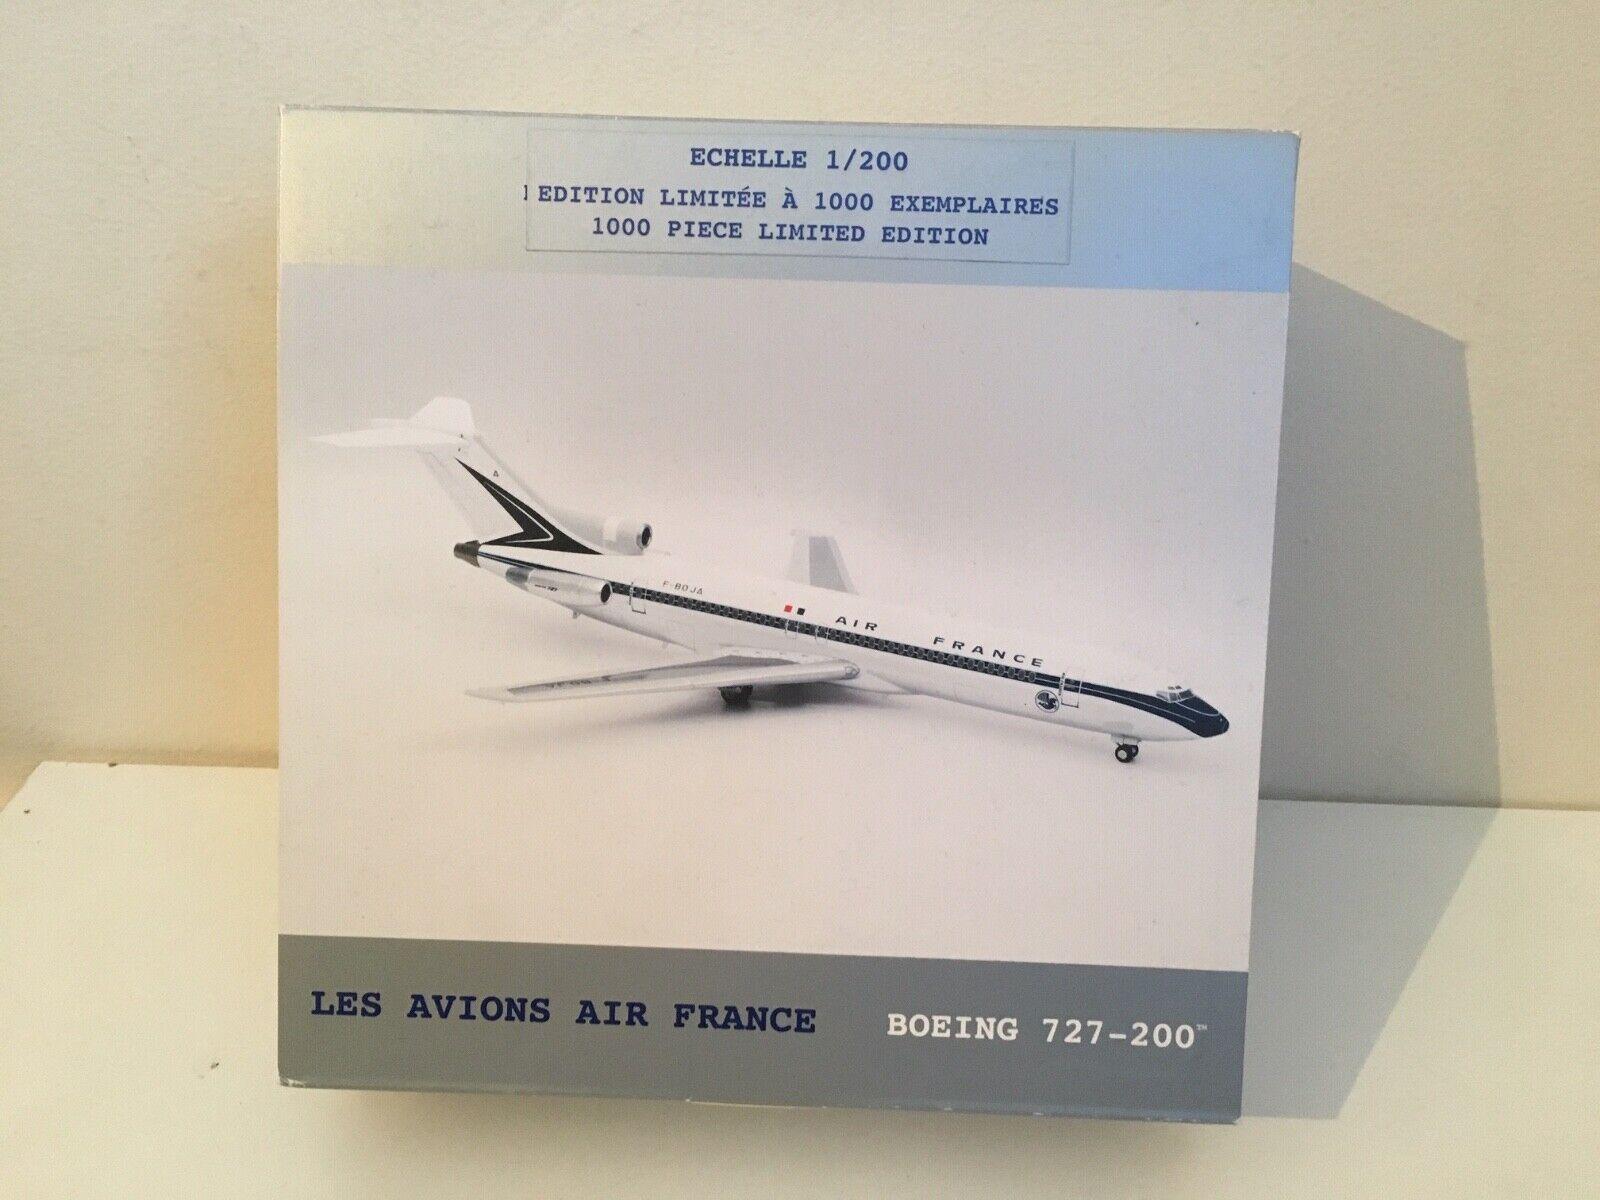 1 200 echelle 8133-BOEING 727-200 Les vions AIR FRANCE - 1000 Pezzo Ltd Ed.